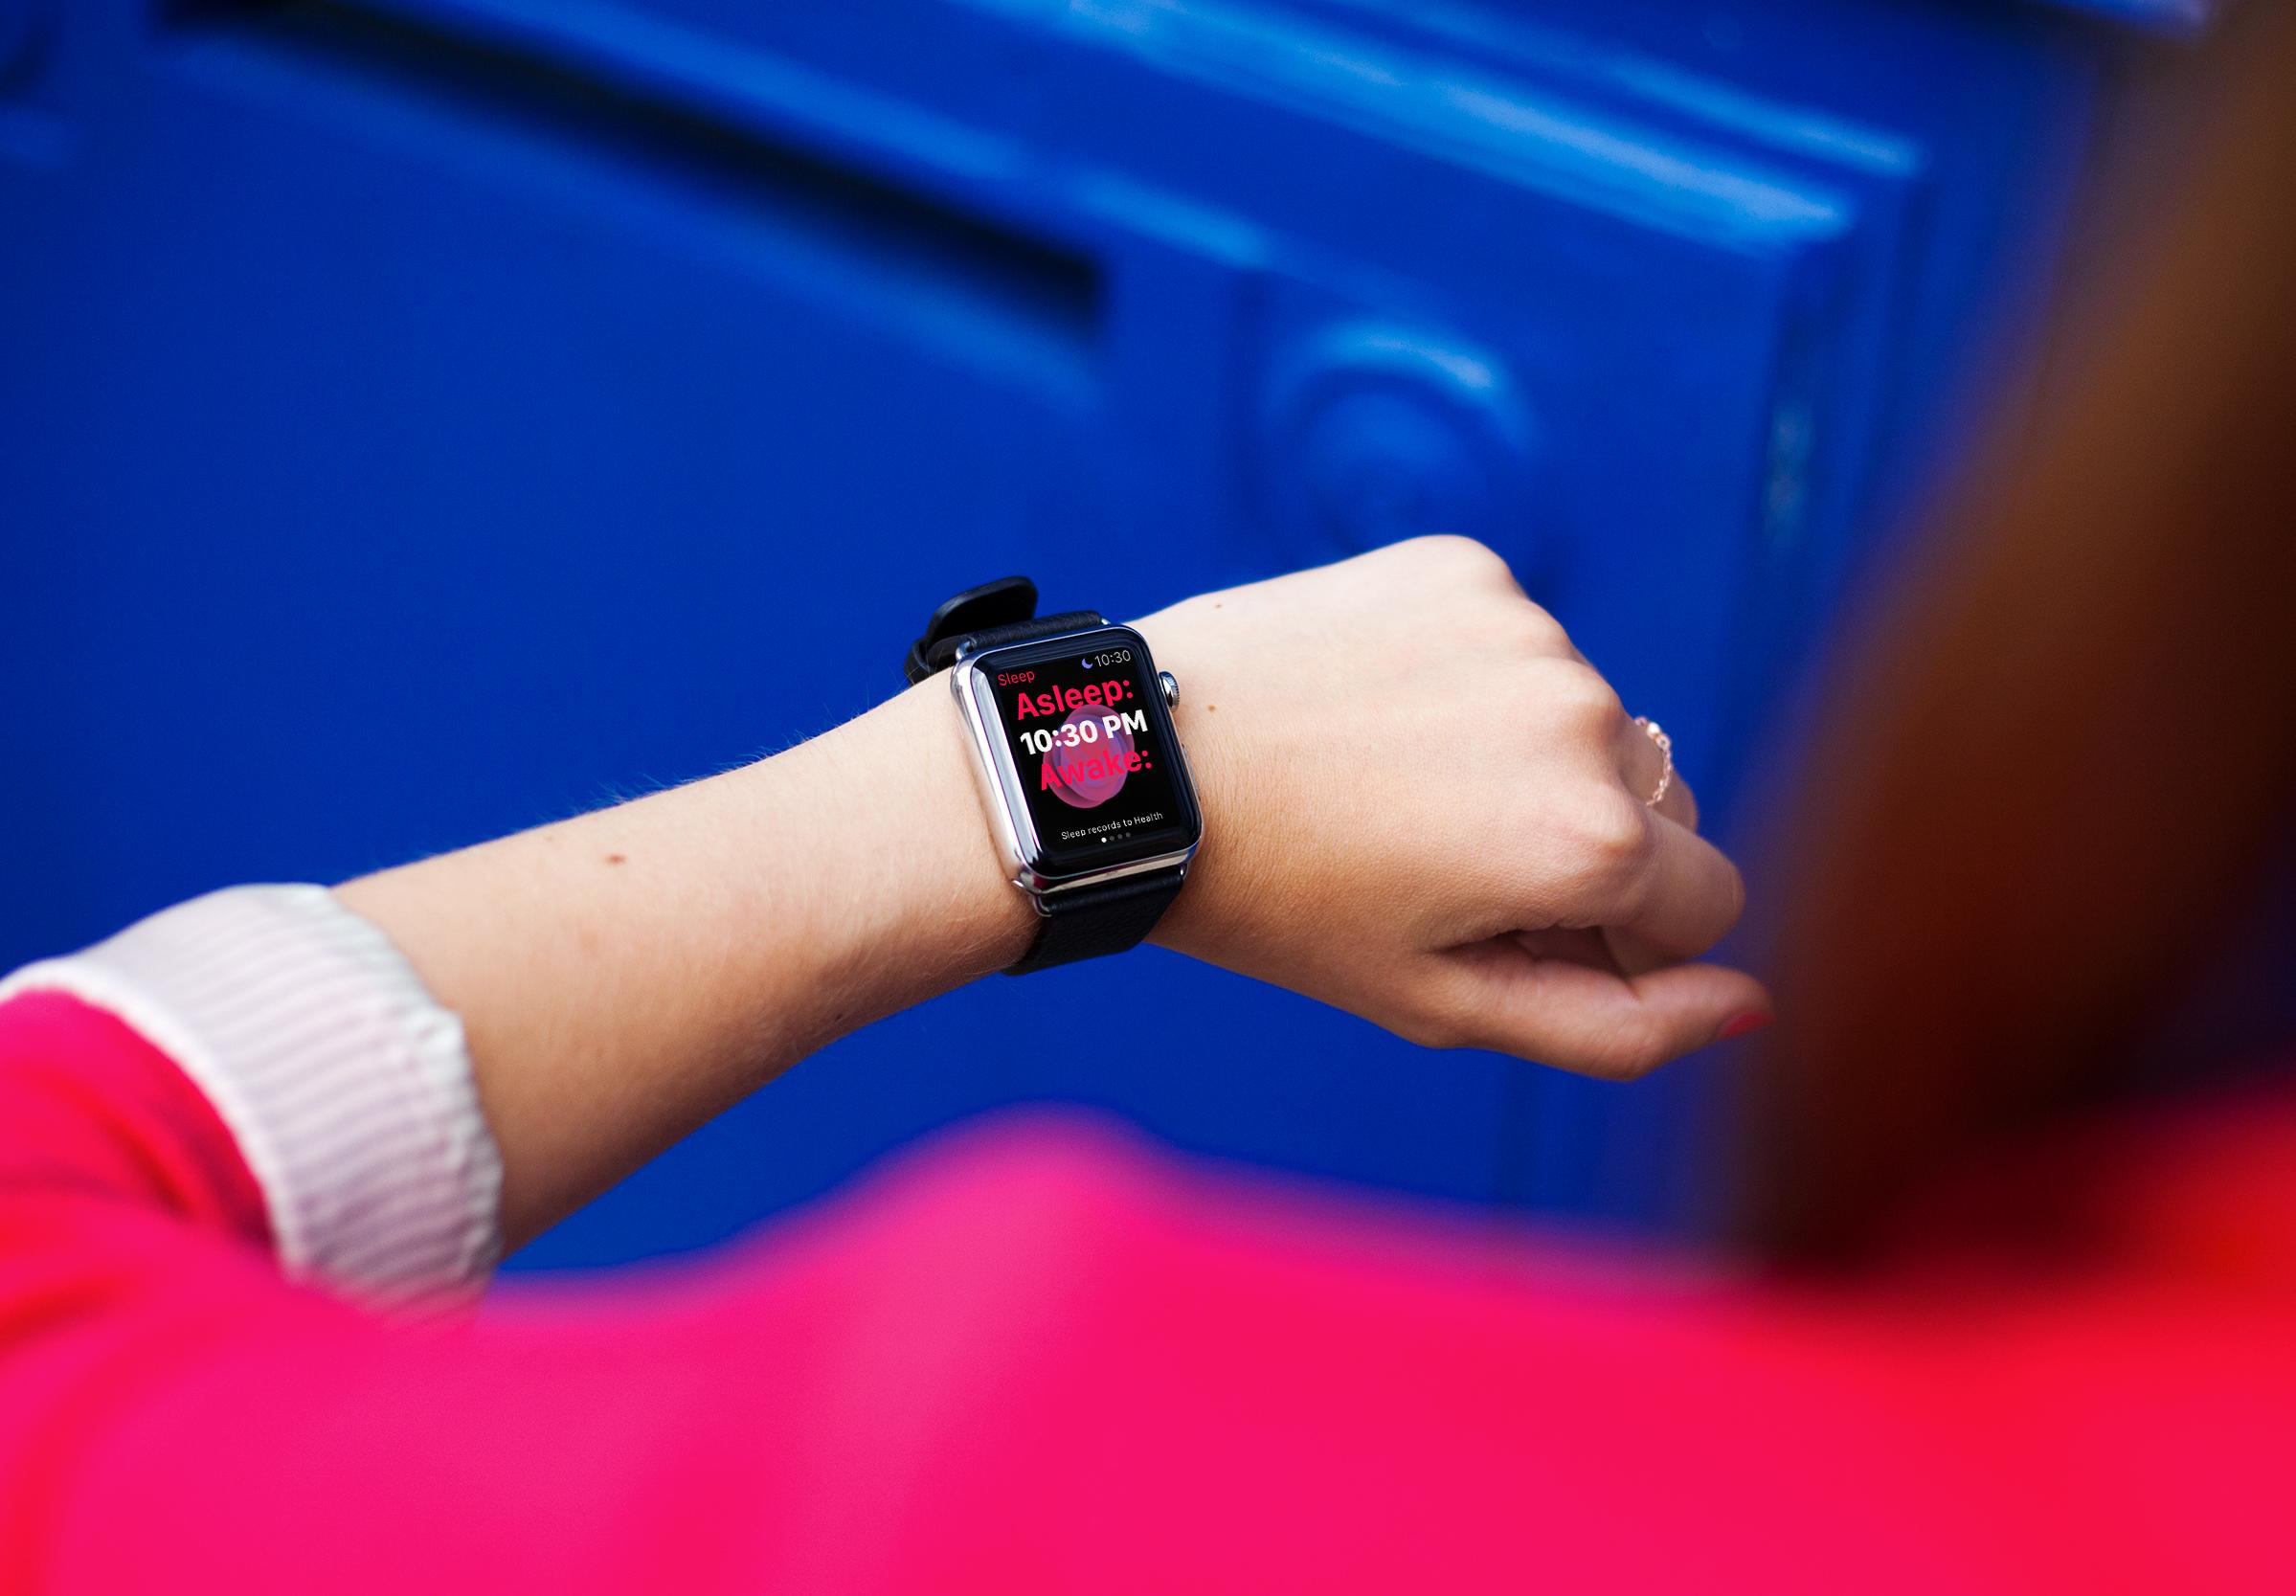 苹果手表watcht配带场景样机图片